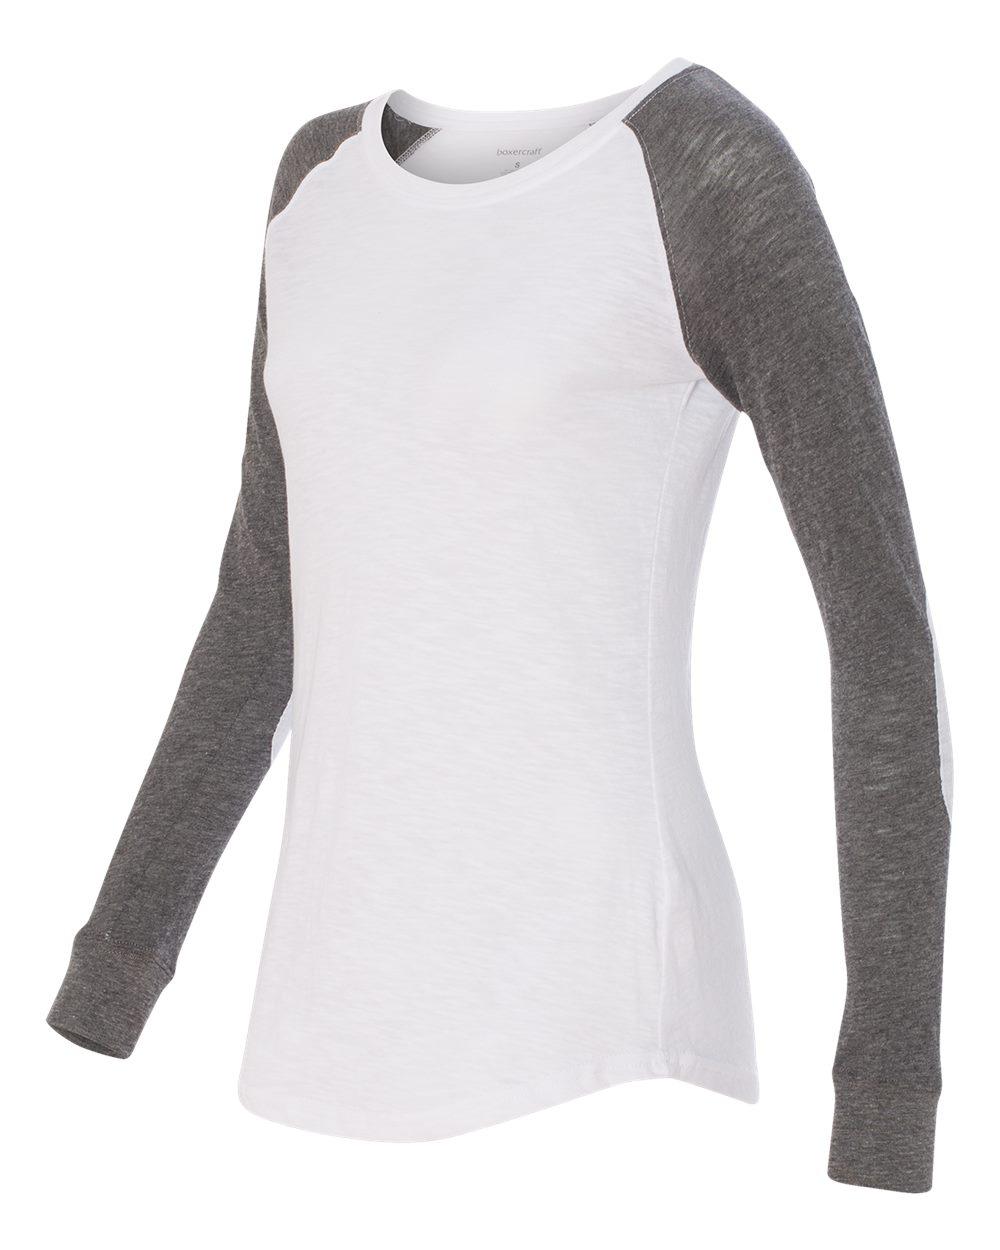 Boxercraft T66 - Women's Preppy Patch Slub T-Shirt